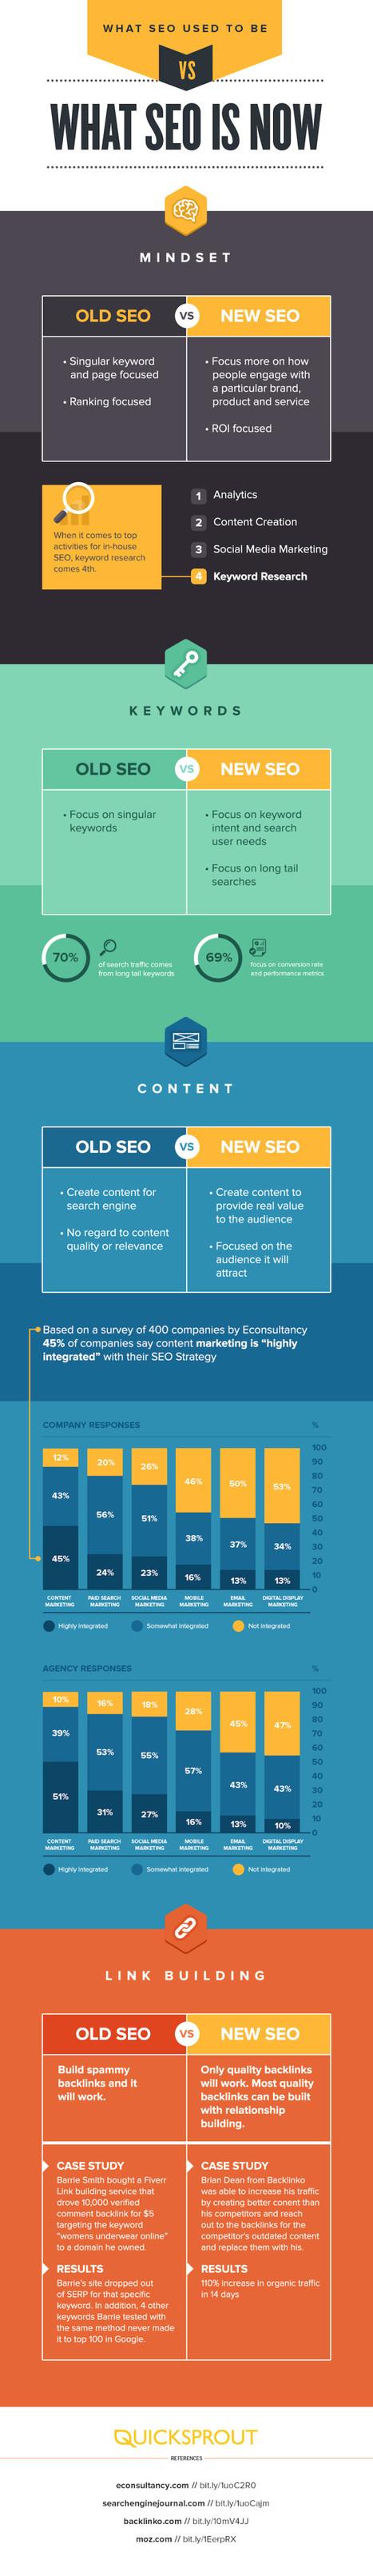 [SEO] Ce qu'était le SEO avant, et ce qu'est le SEO maintenant [Infographie] | Communication - Marketing - Web_Mode Pause | Scoop.it